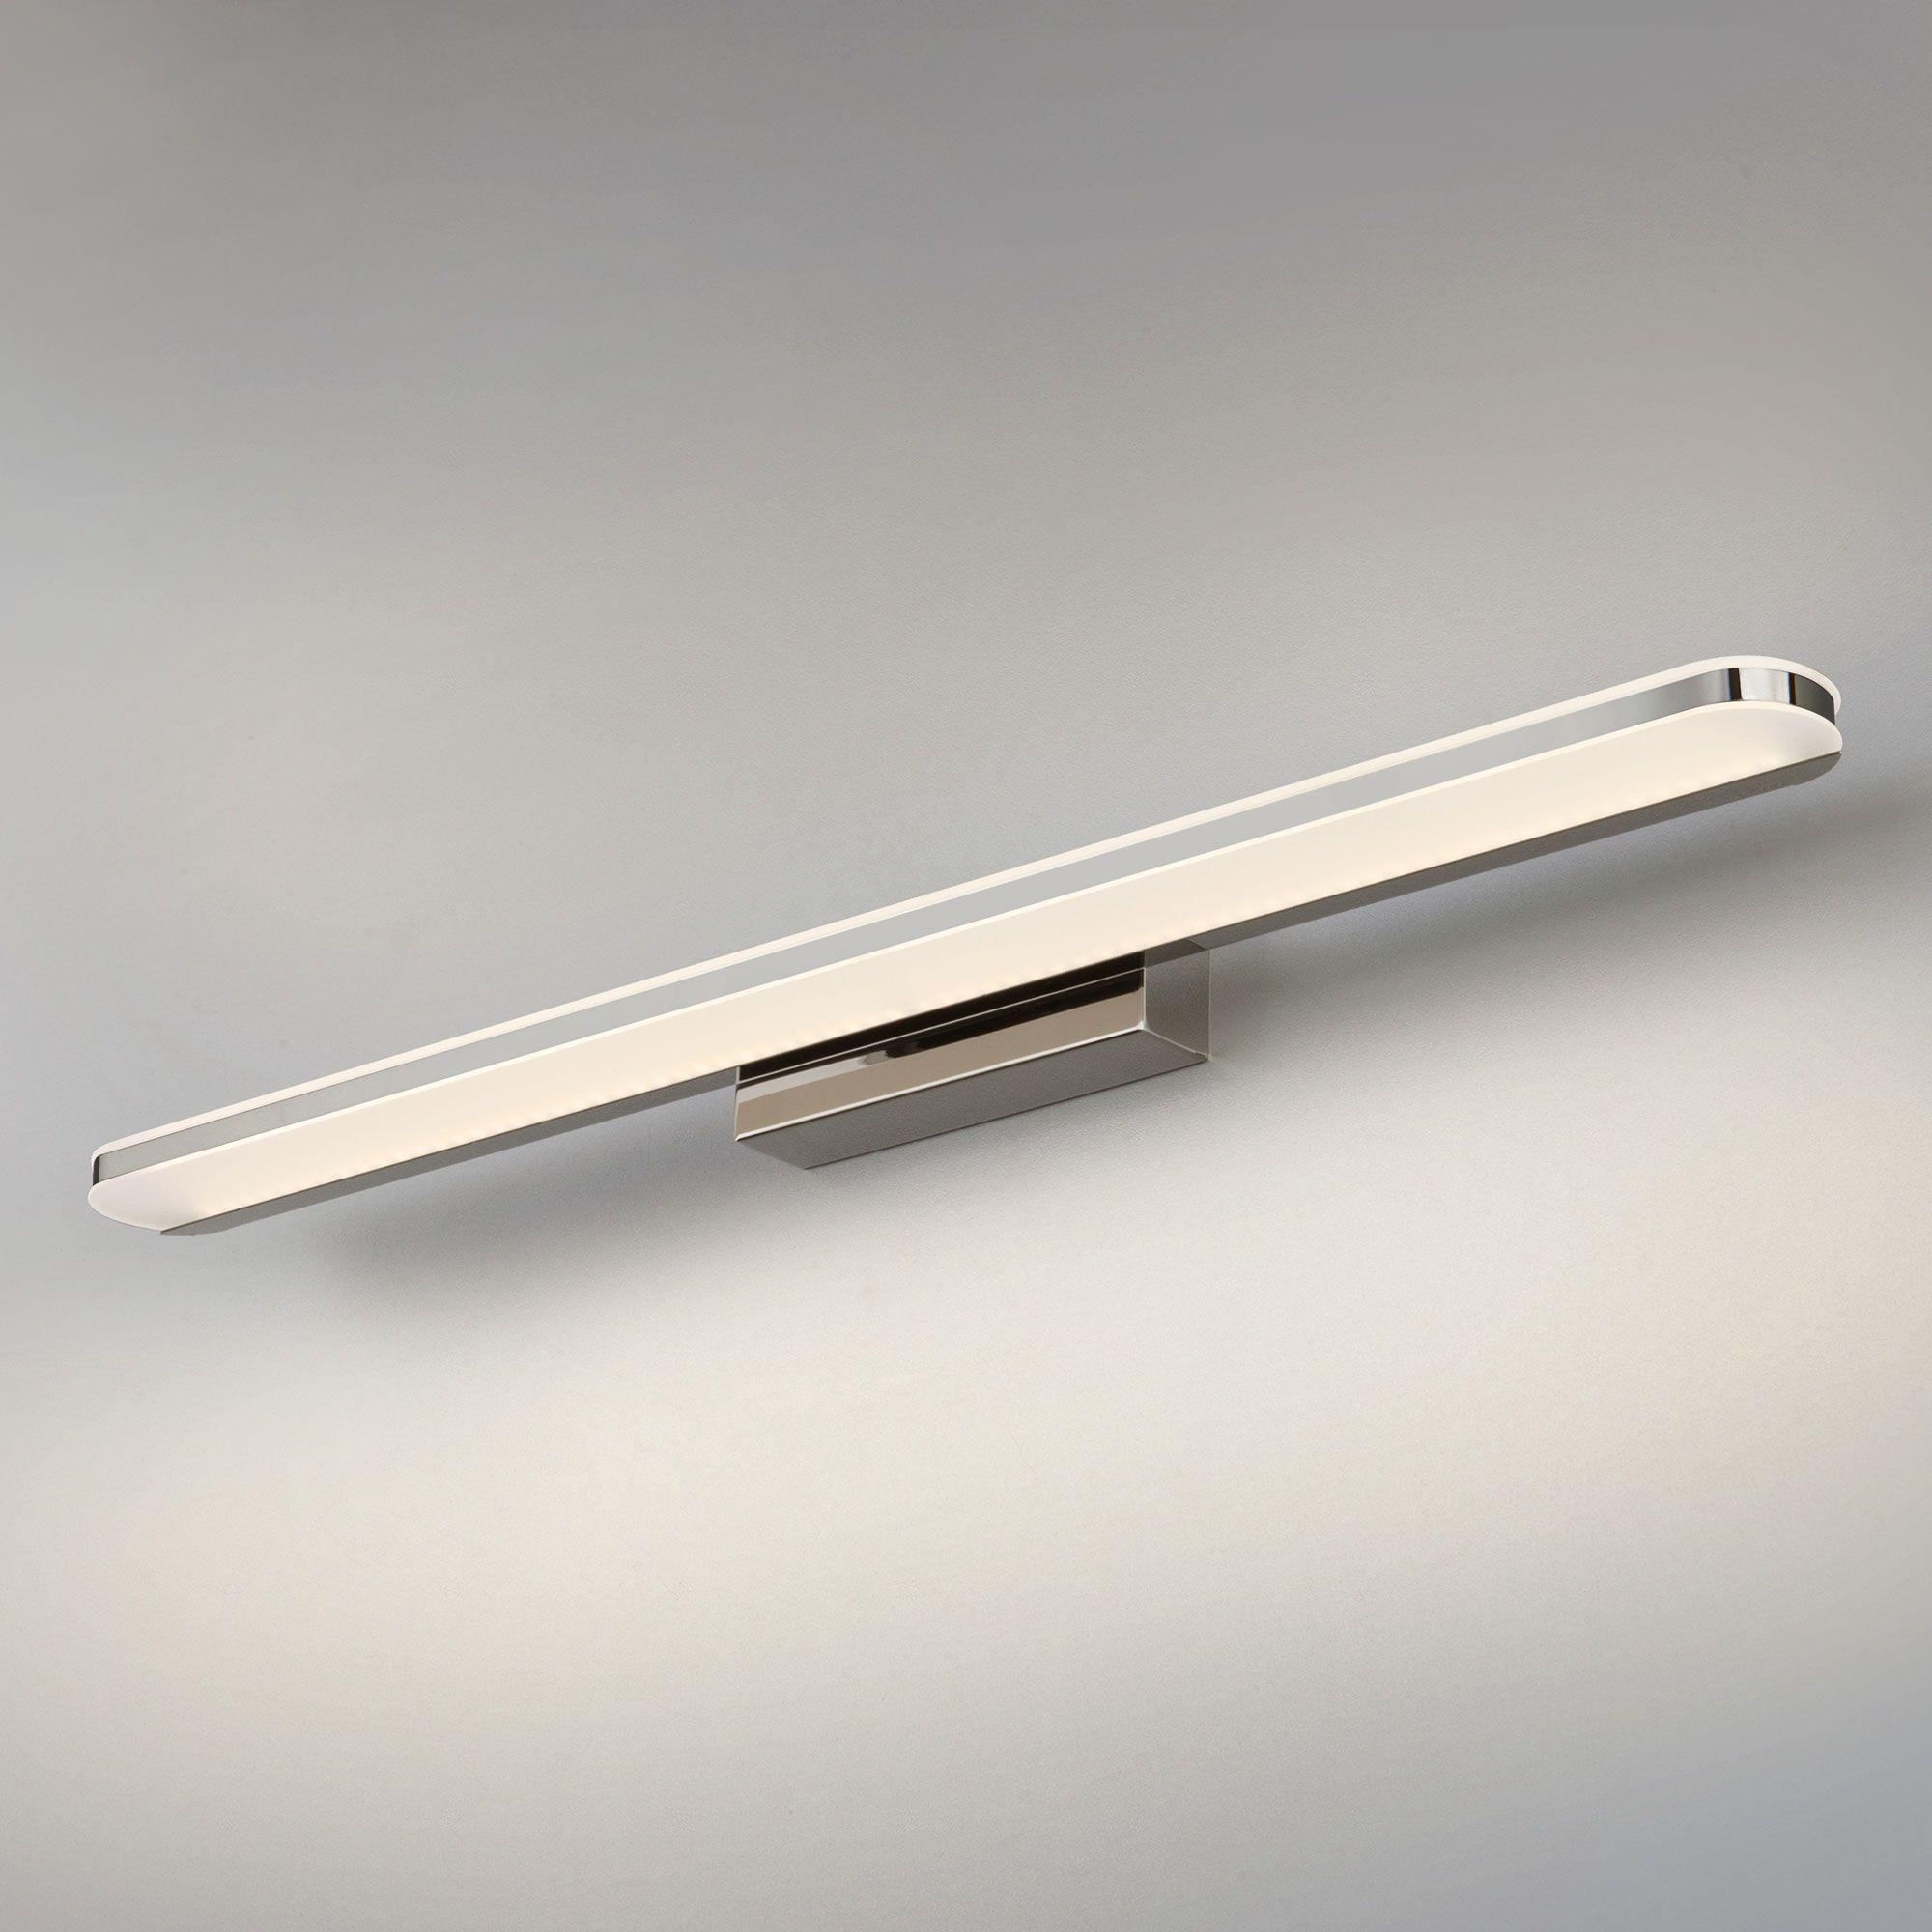 Настенный светодиодный светильник Tersa LED MRL LED 1080 хром